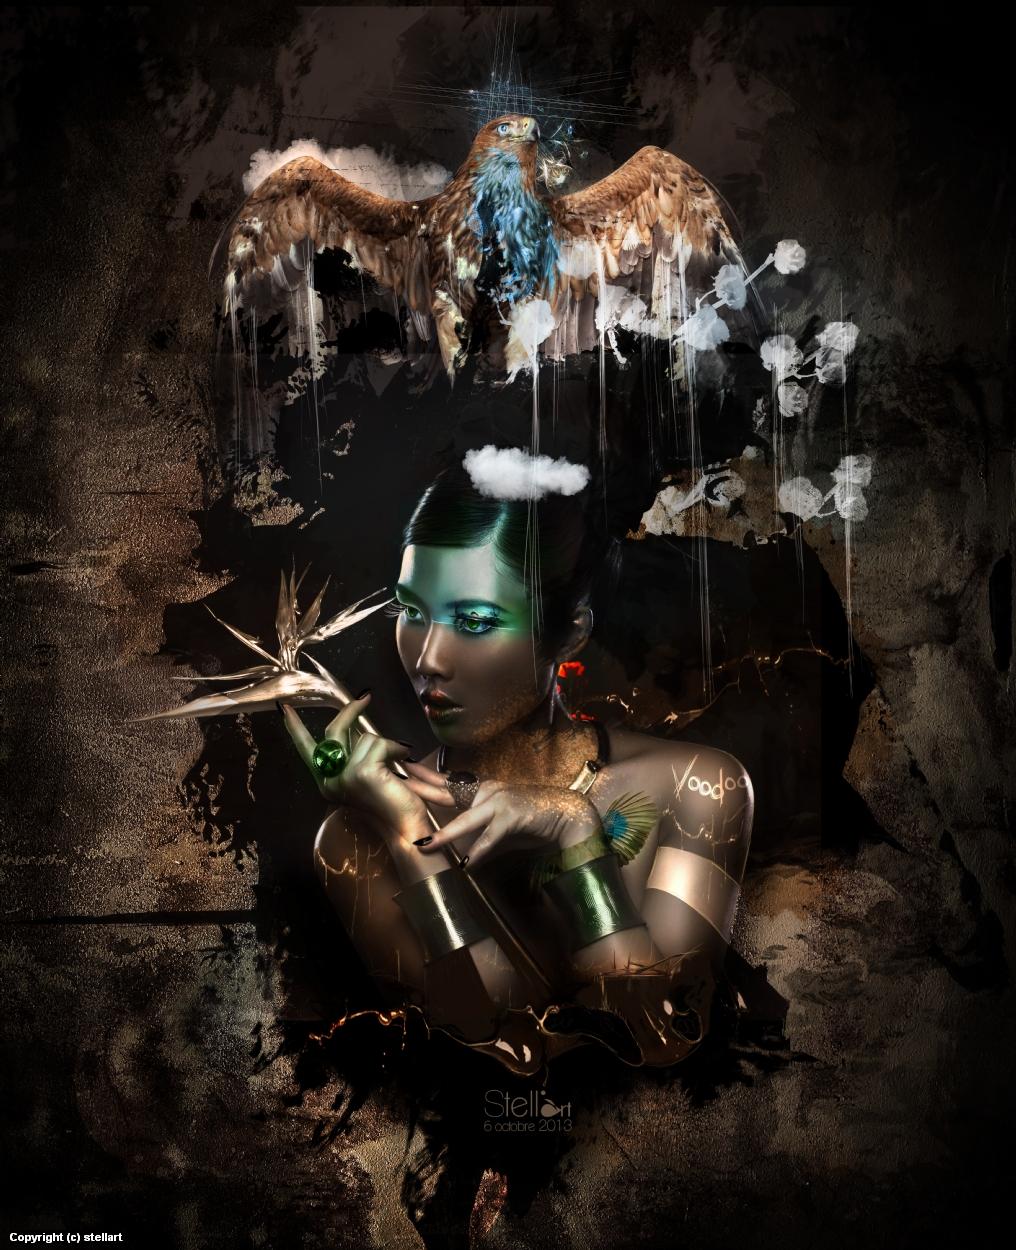 Voodoo Artwork by Estelle Chomienne